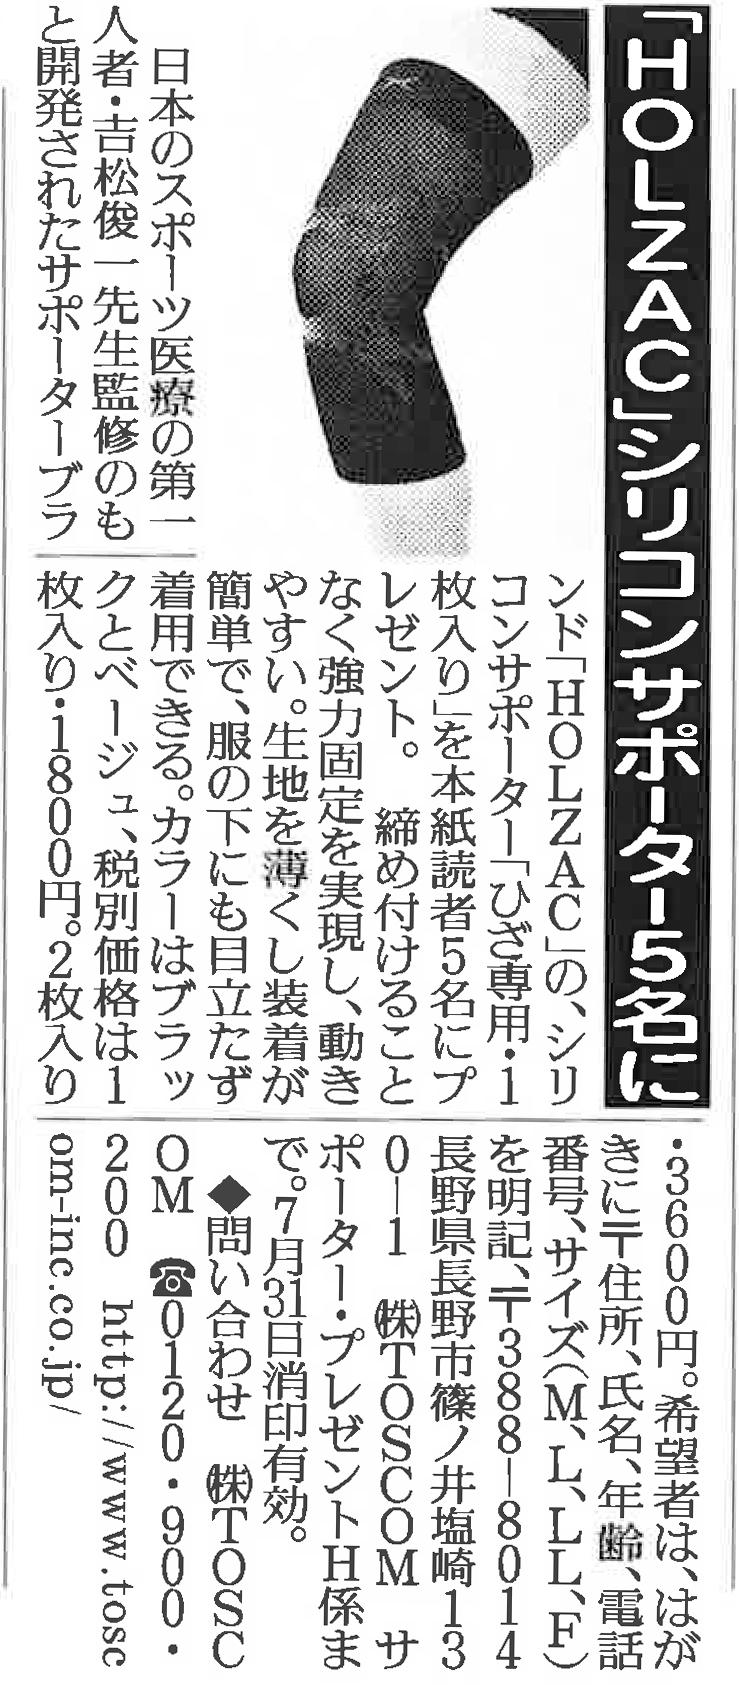 報知新聞記事